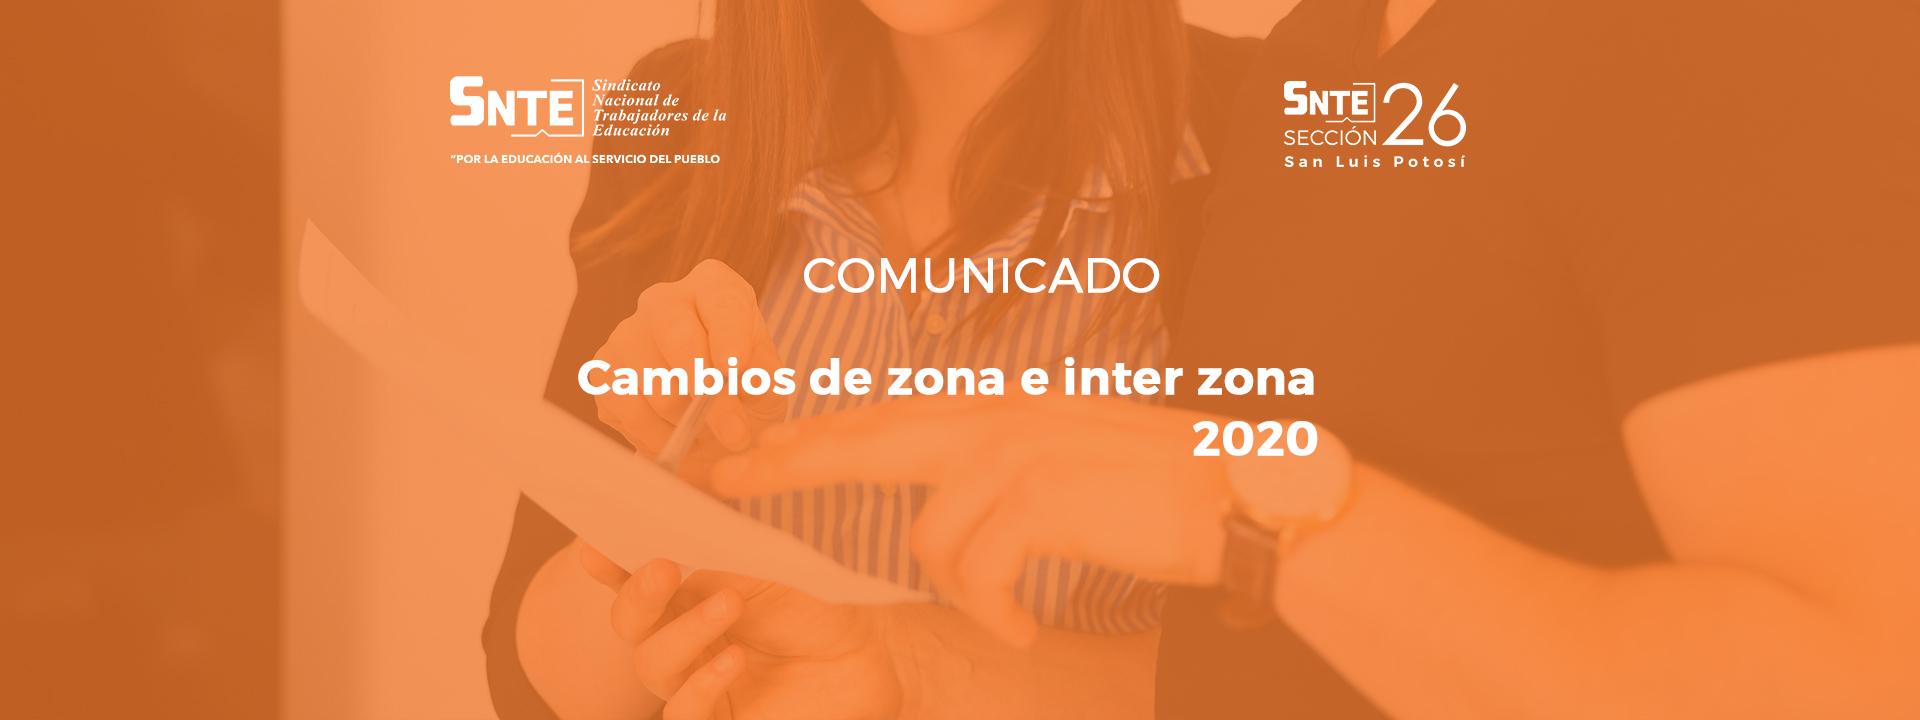 Comunicado: cambios de zona e inter zona 2020